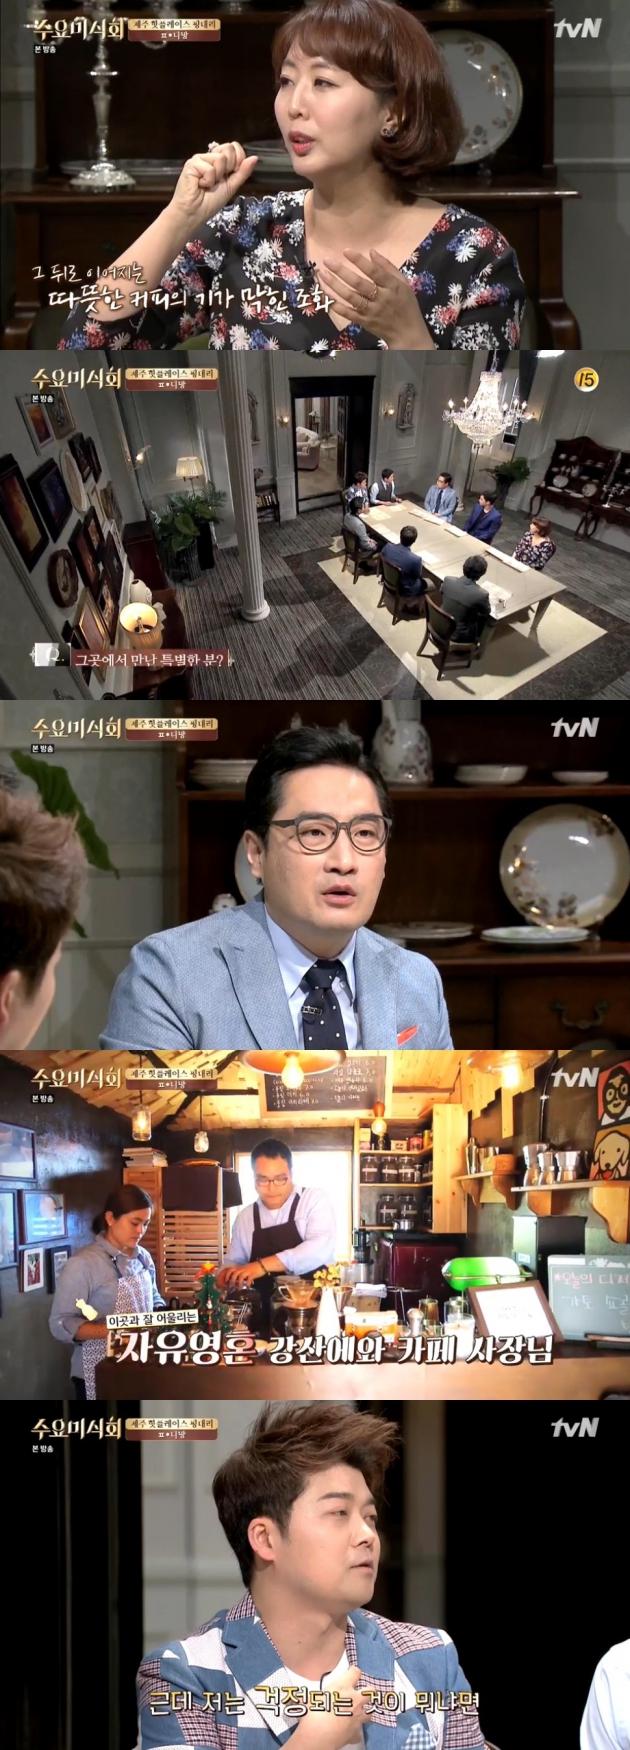 수요미식회 / 수요미식회 풍림다방 사진=tvN 방송 캡처